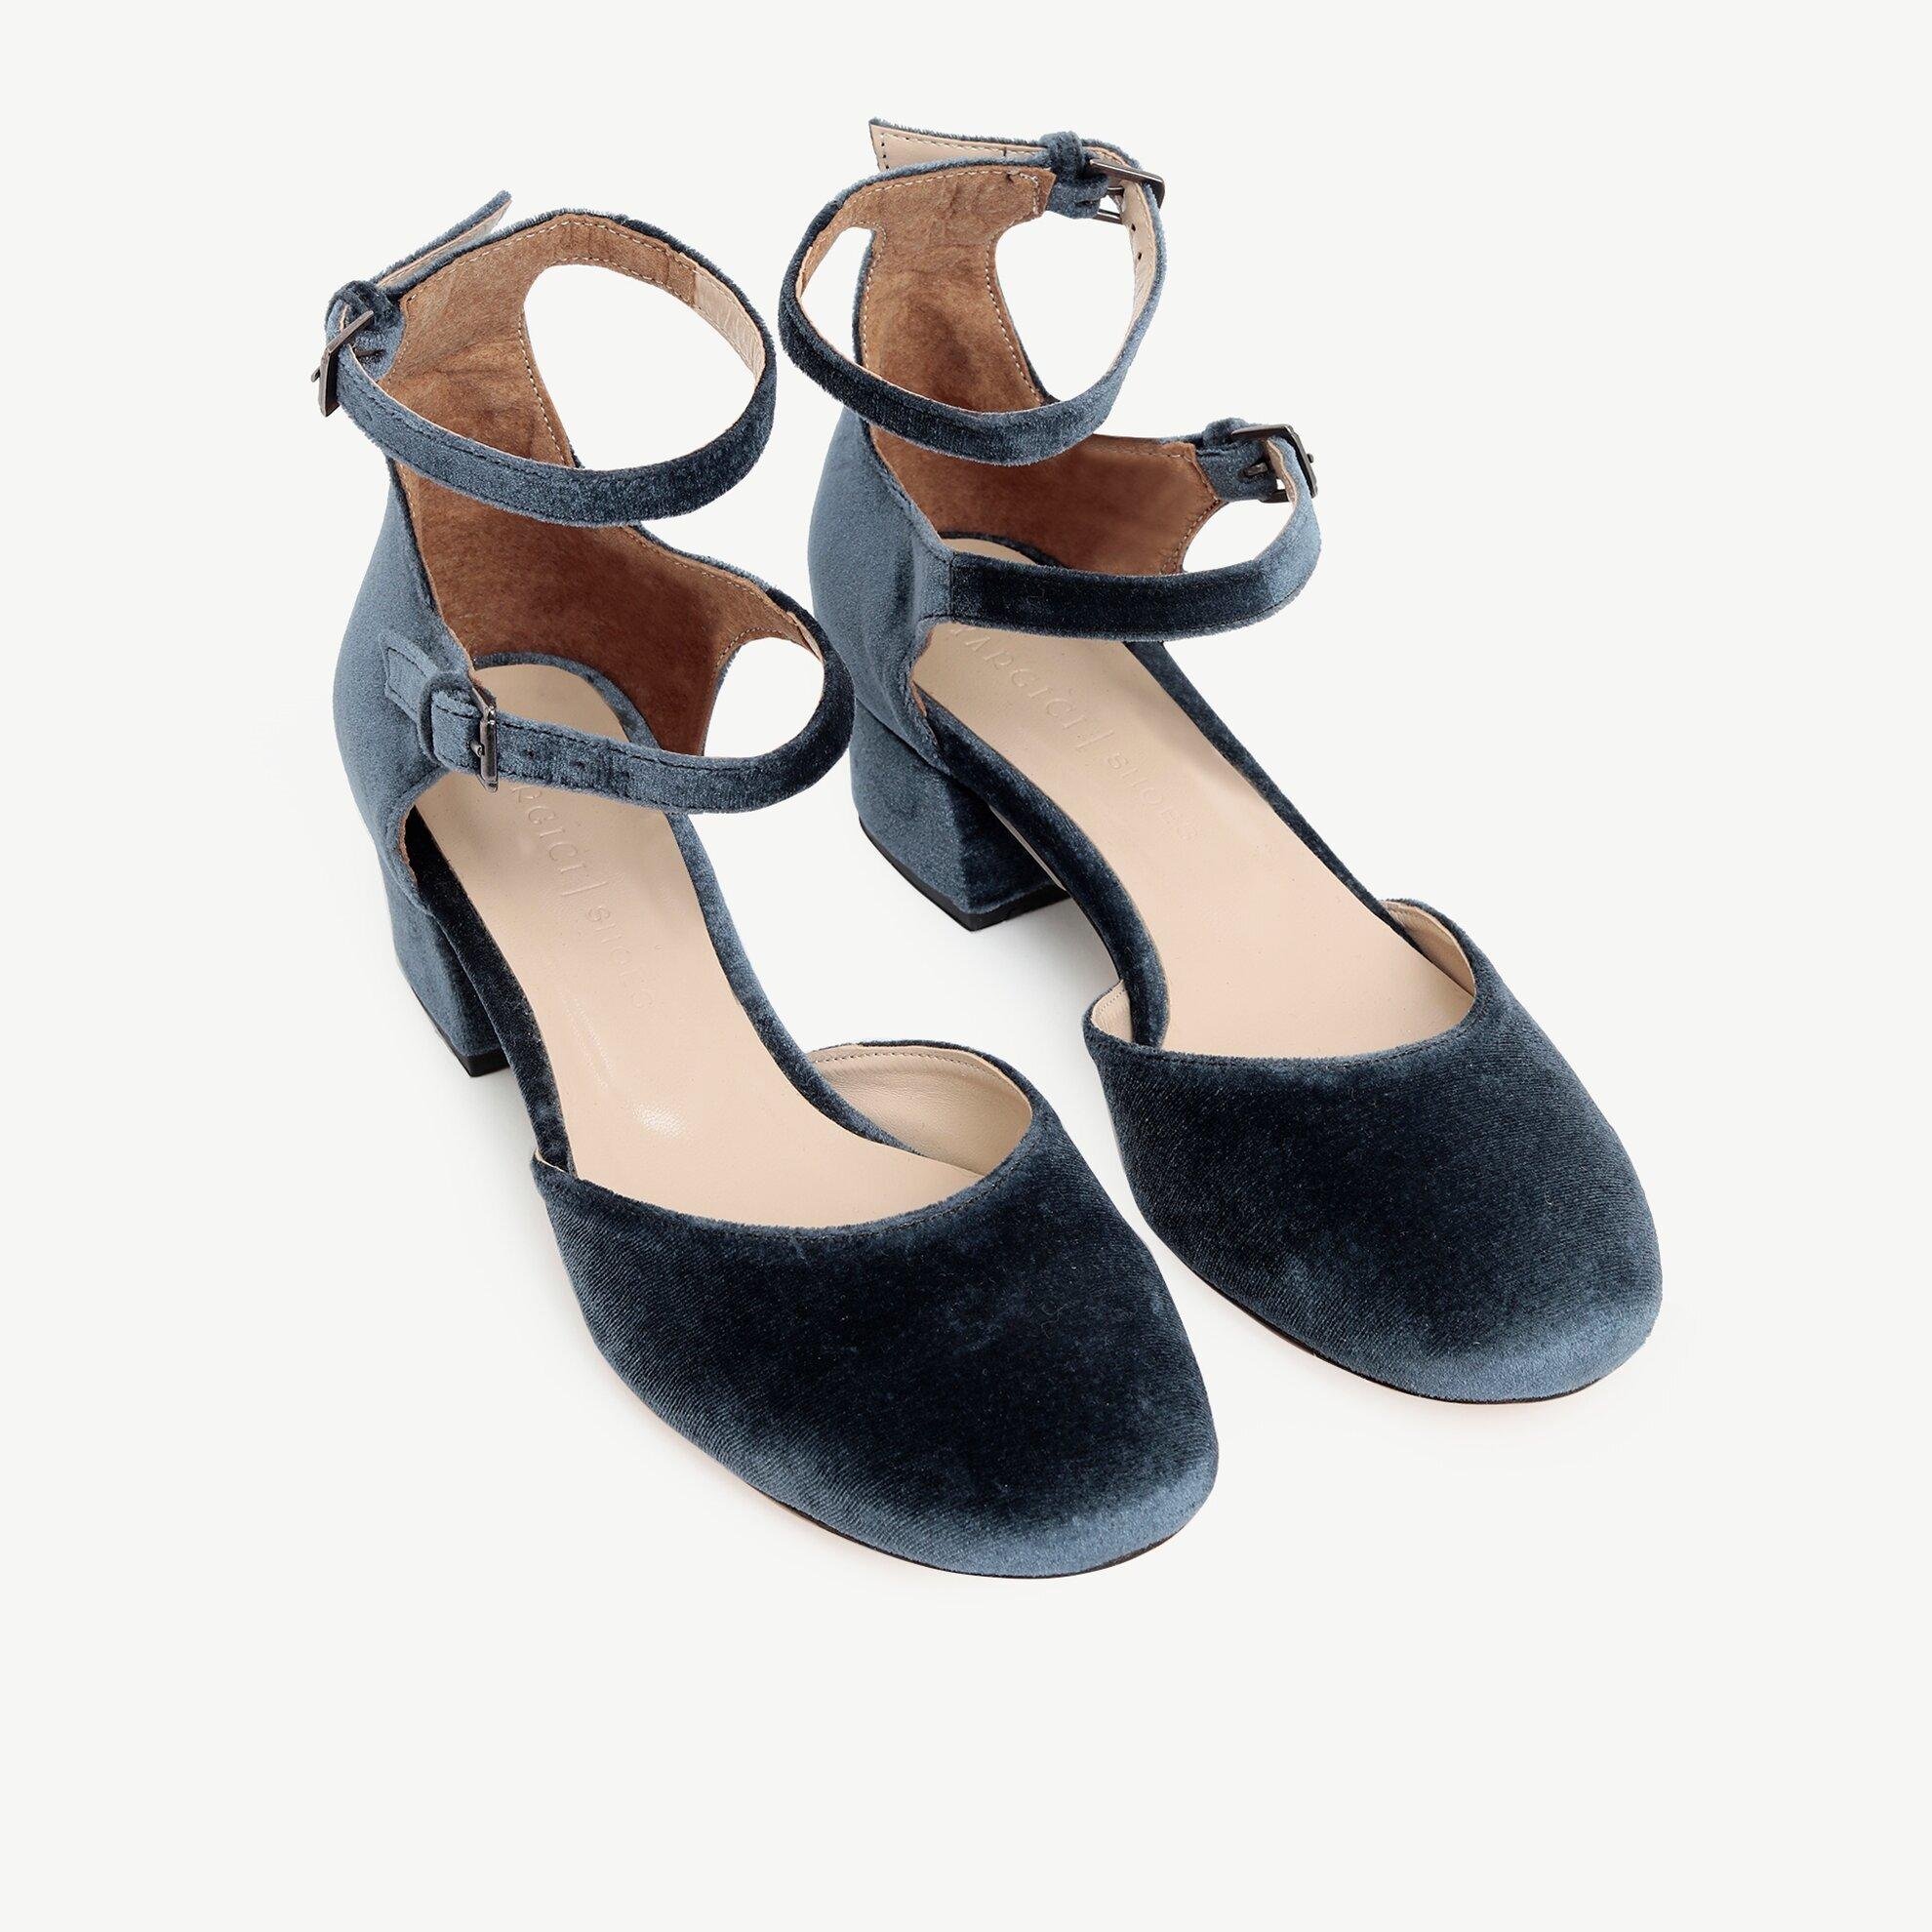 Kadife Bilekten Bantlı Topuklu Ayakkabı